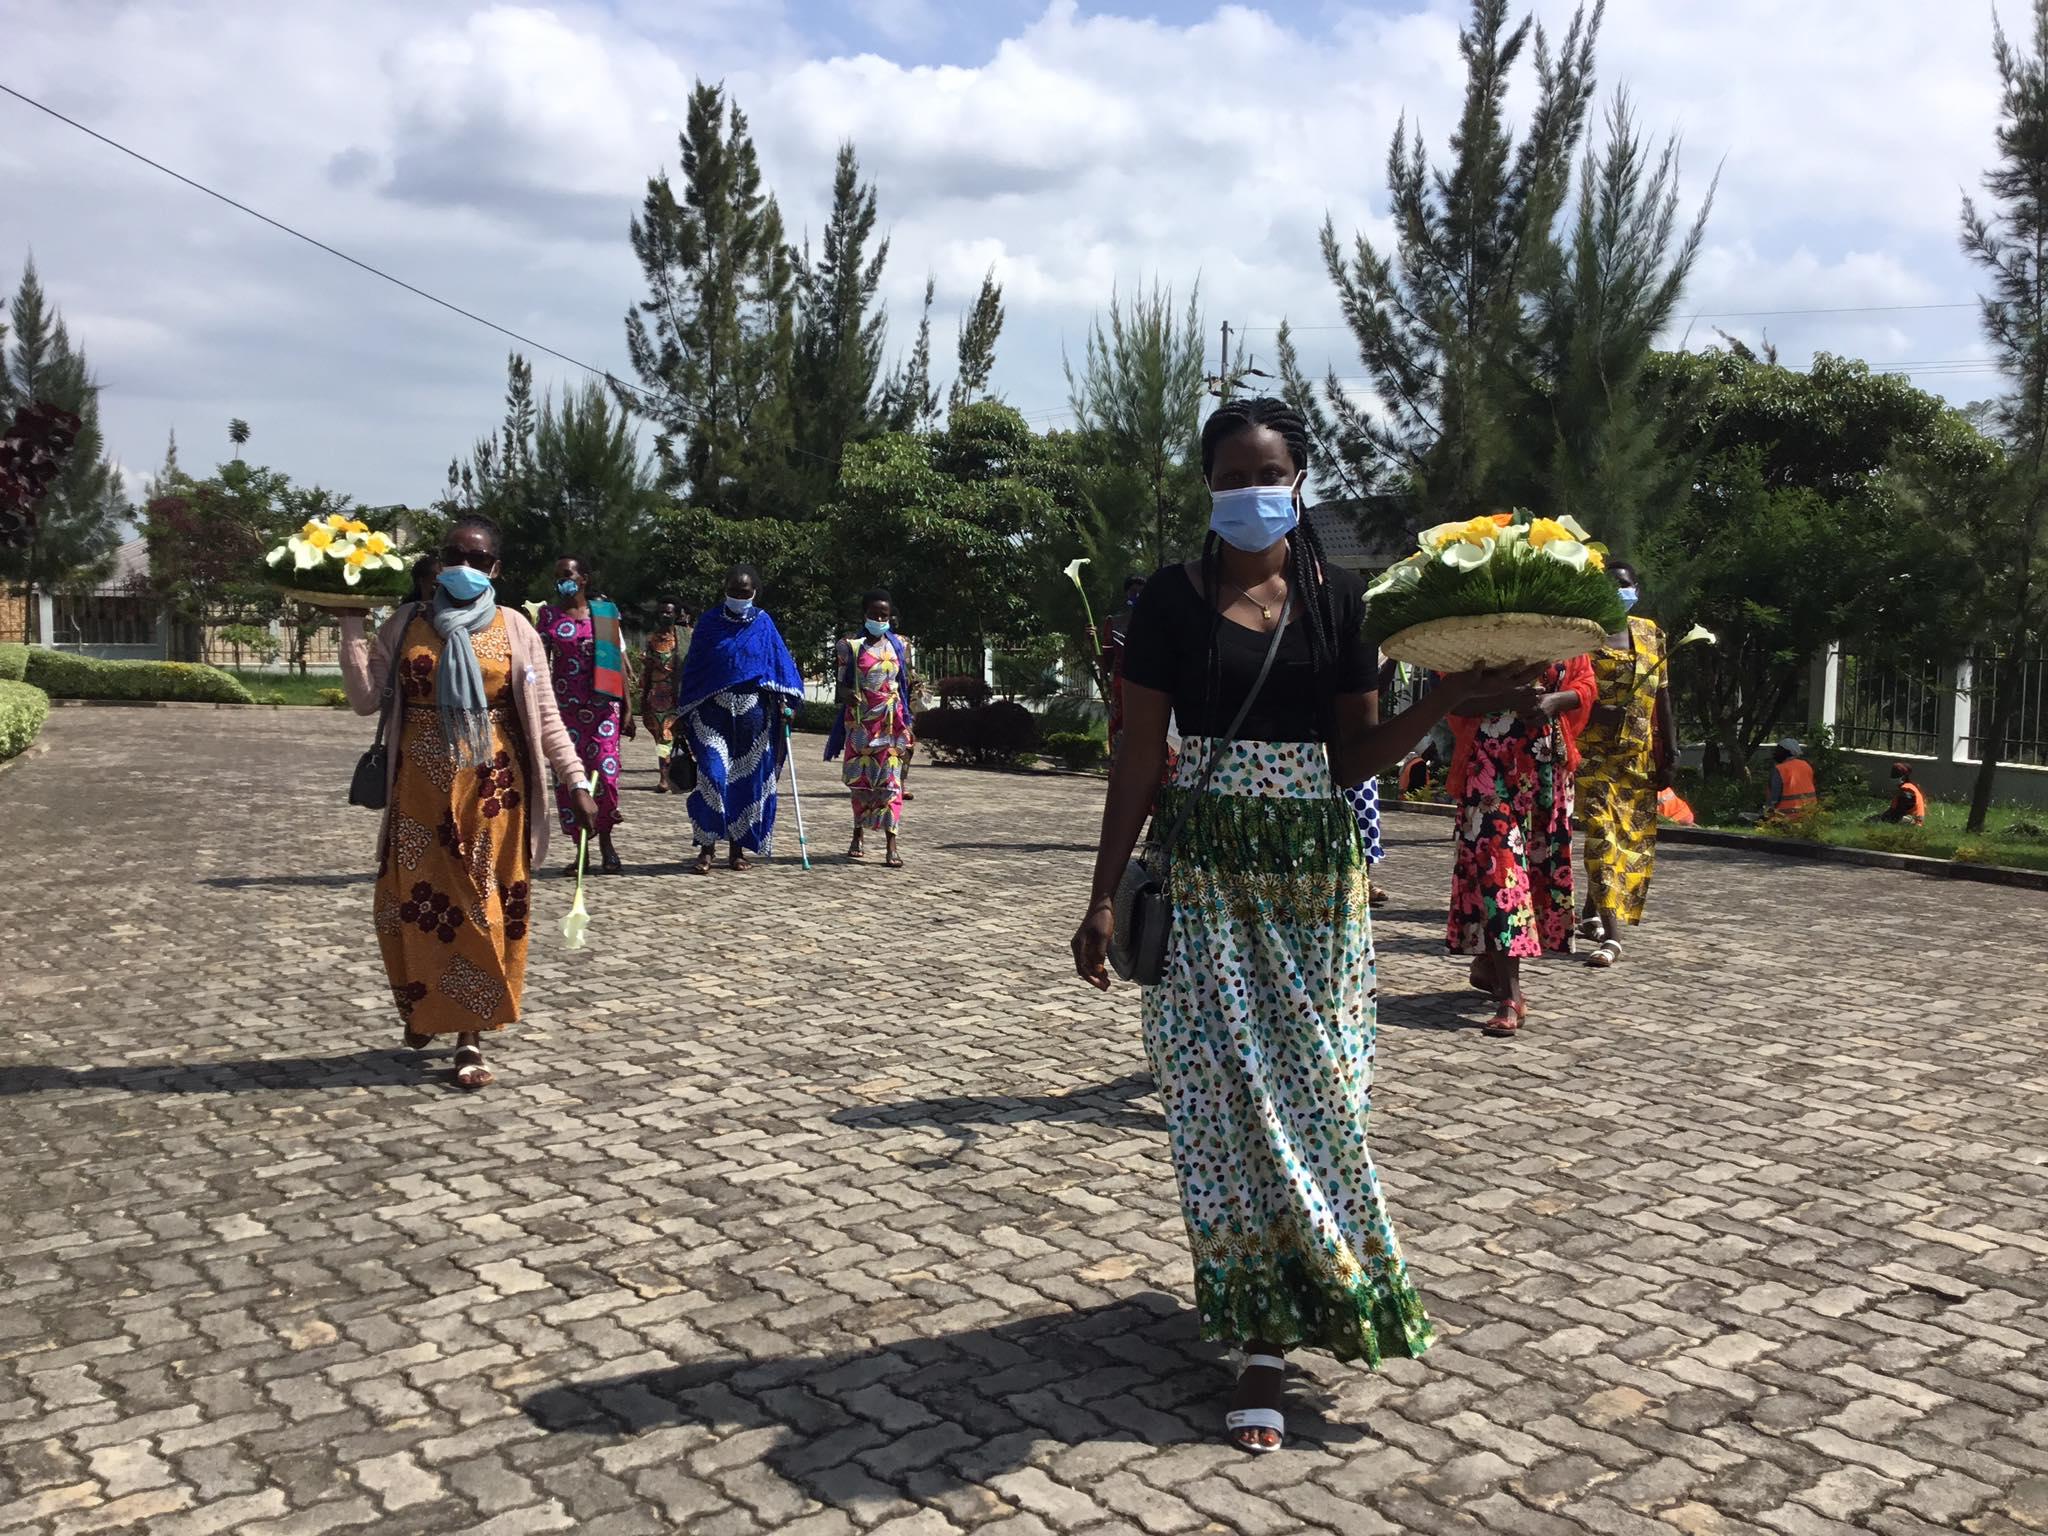 虐殺犠牲者追悼集会に集まってきたウムチョ・ニャンザの女性たち